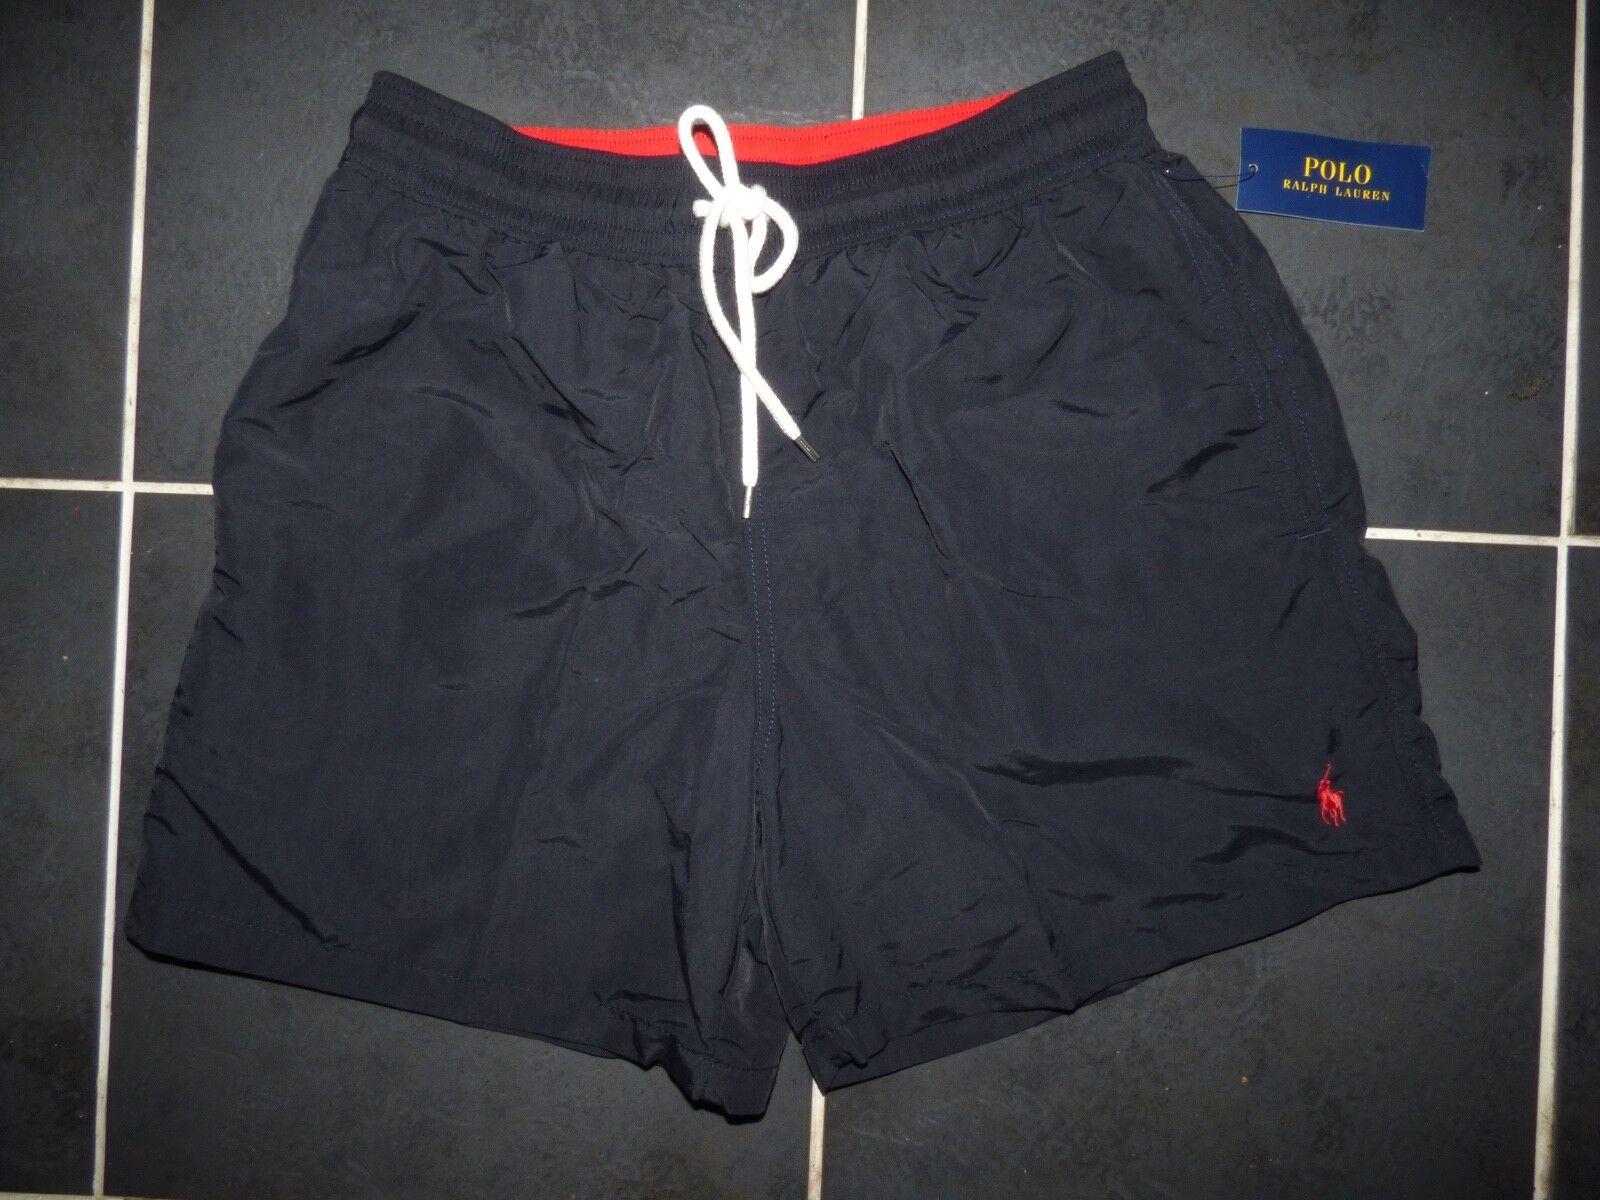 25b47f09a2 Ralph Lauren Black Traveler Shorts Shorts Shorts Taille M Neuf avec  étiquettes   Le Moins Cher de3aa6